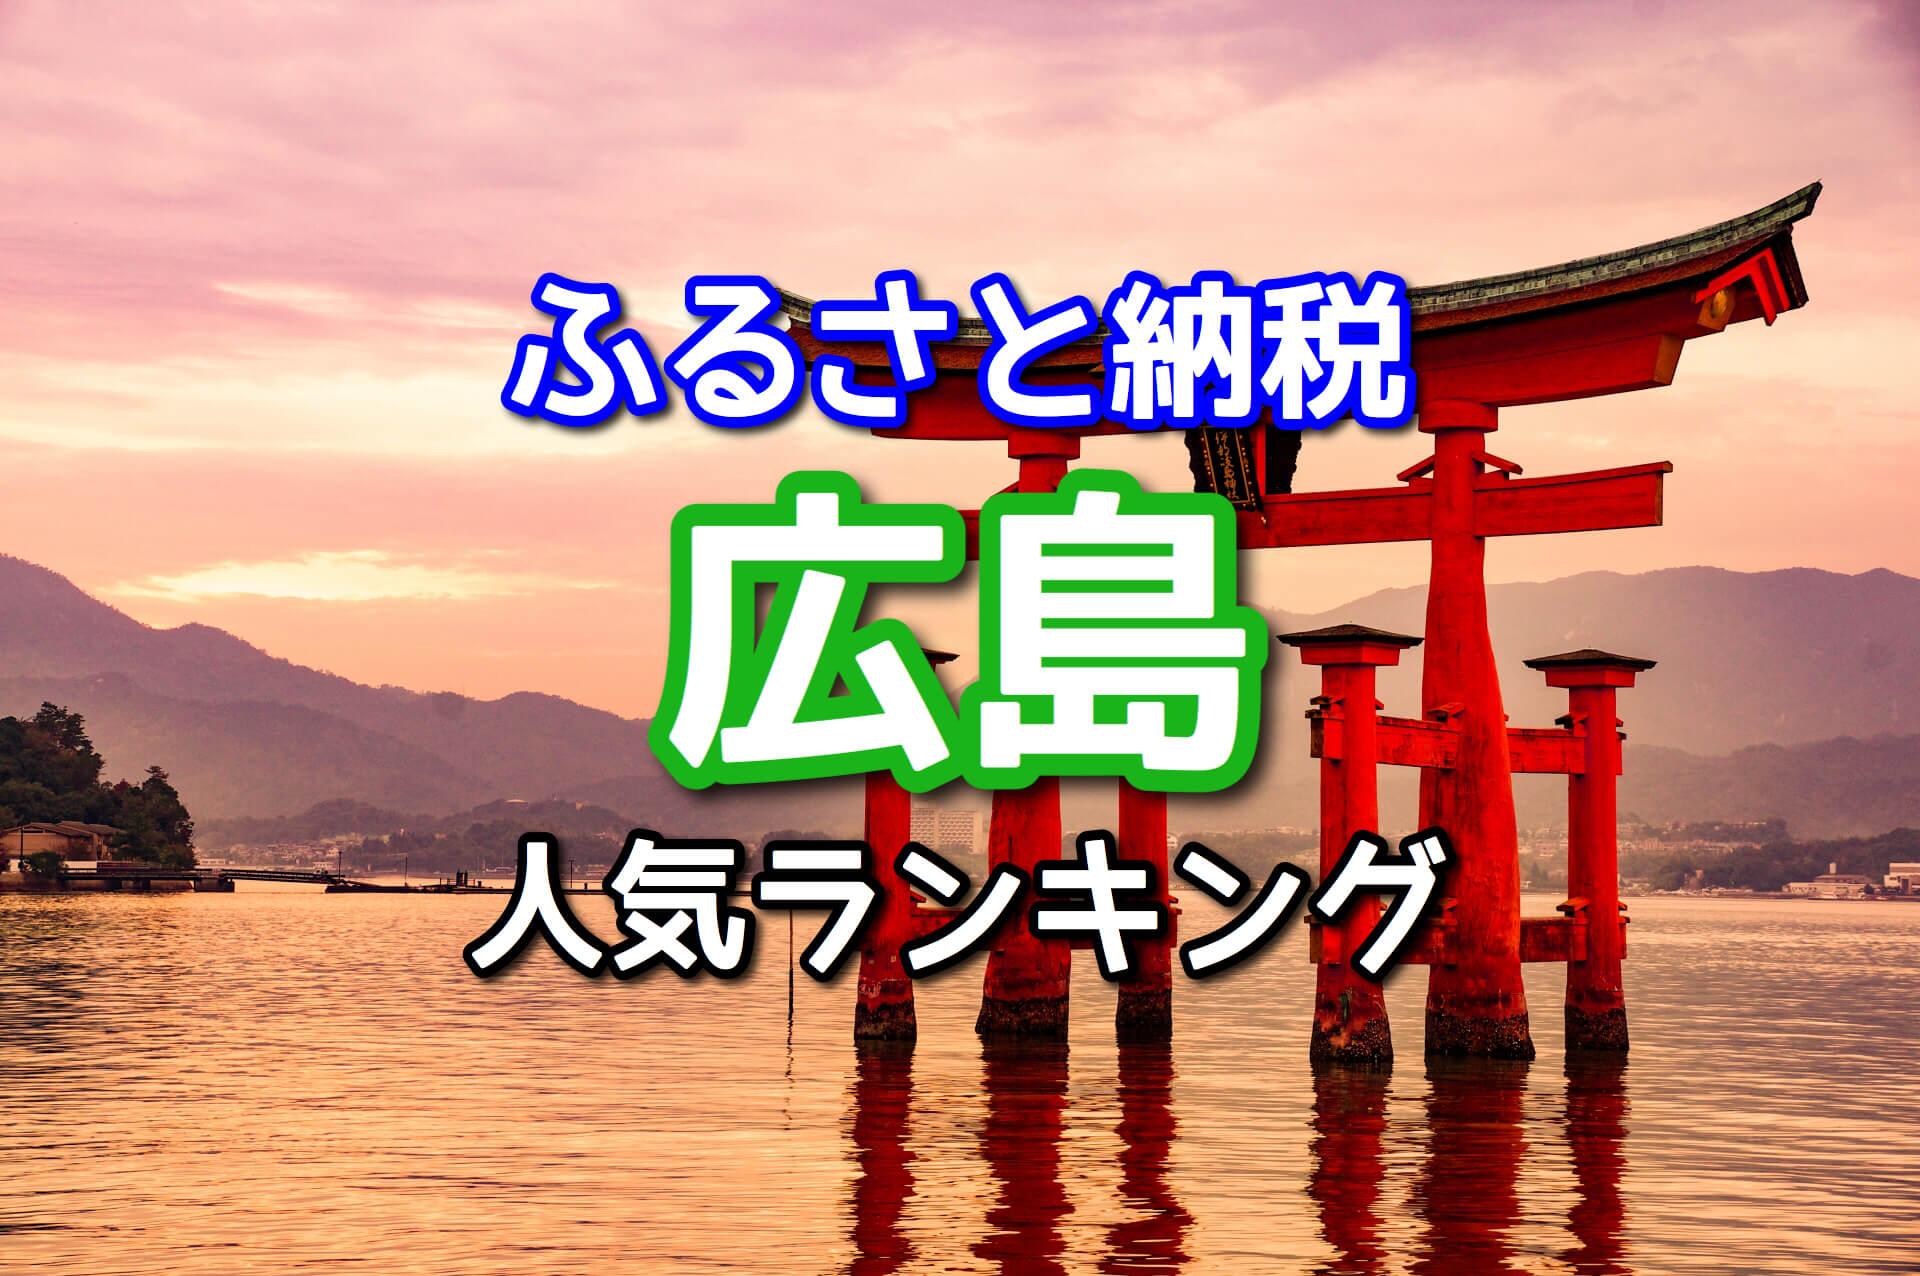 【ふるさと納税】広島の返礼品おすすめ10選!人気ランキング2018